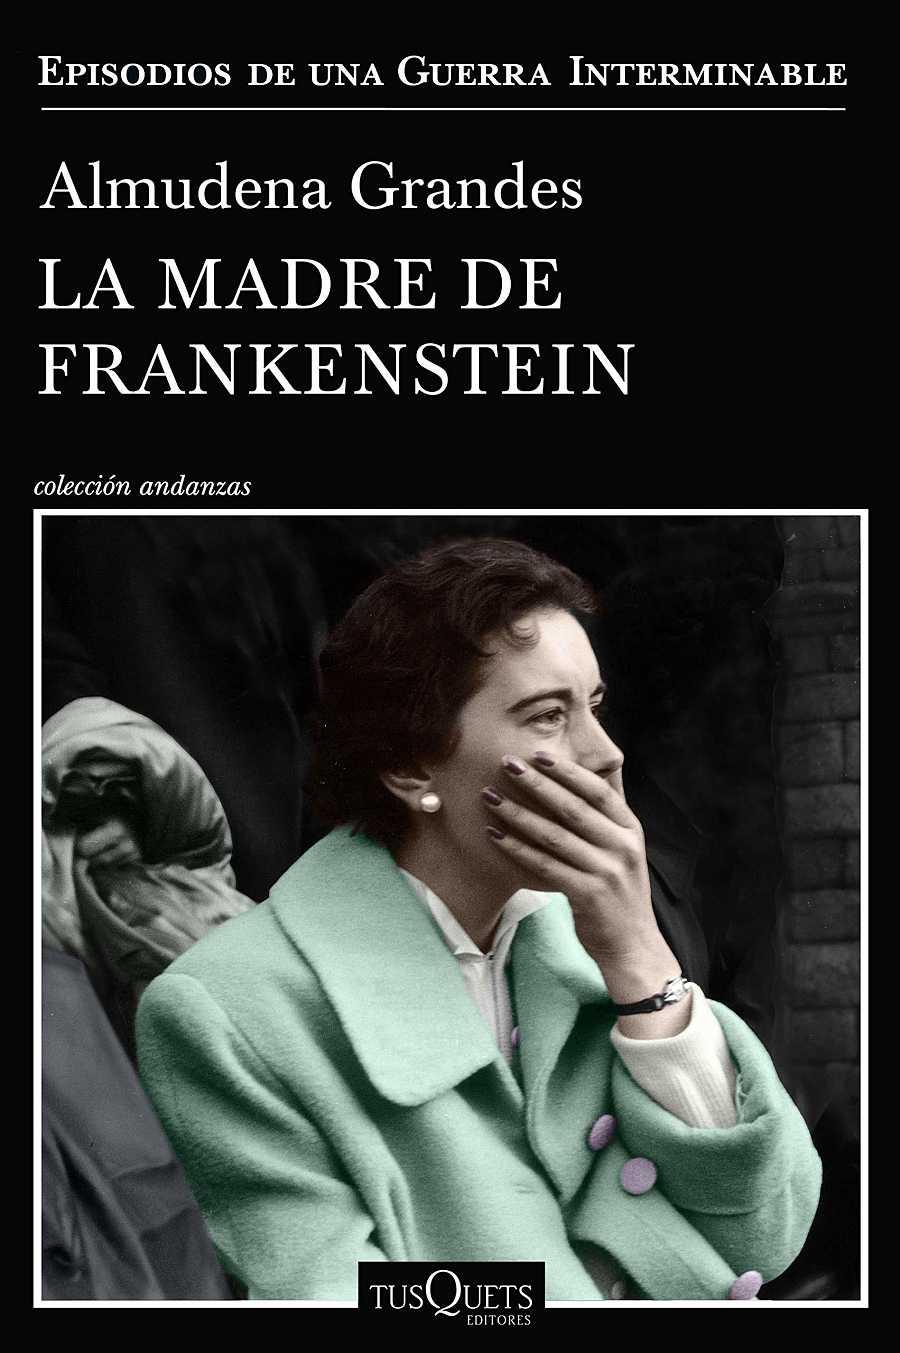 'La madre de Frankenstein' de Almudena Grandes, uno de sus